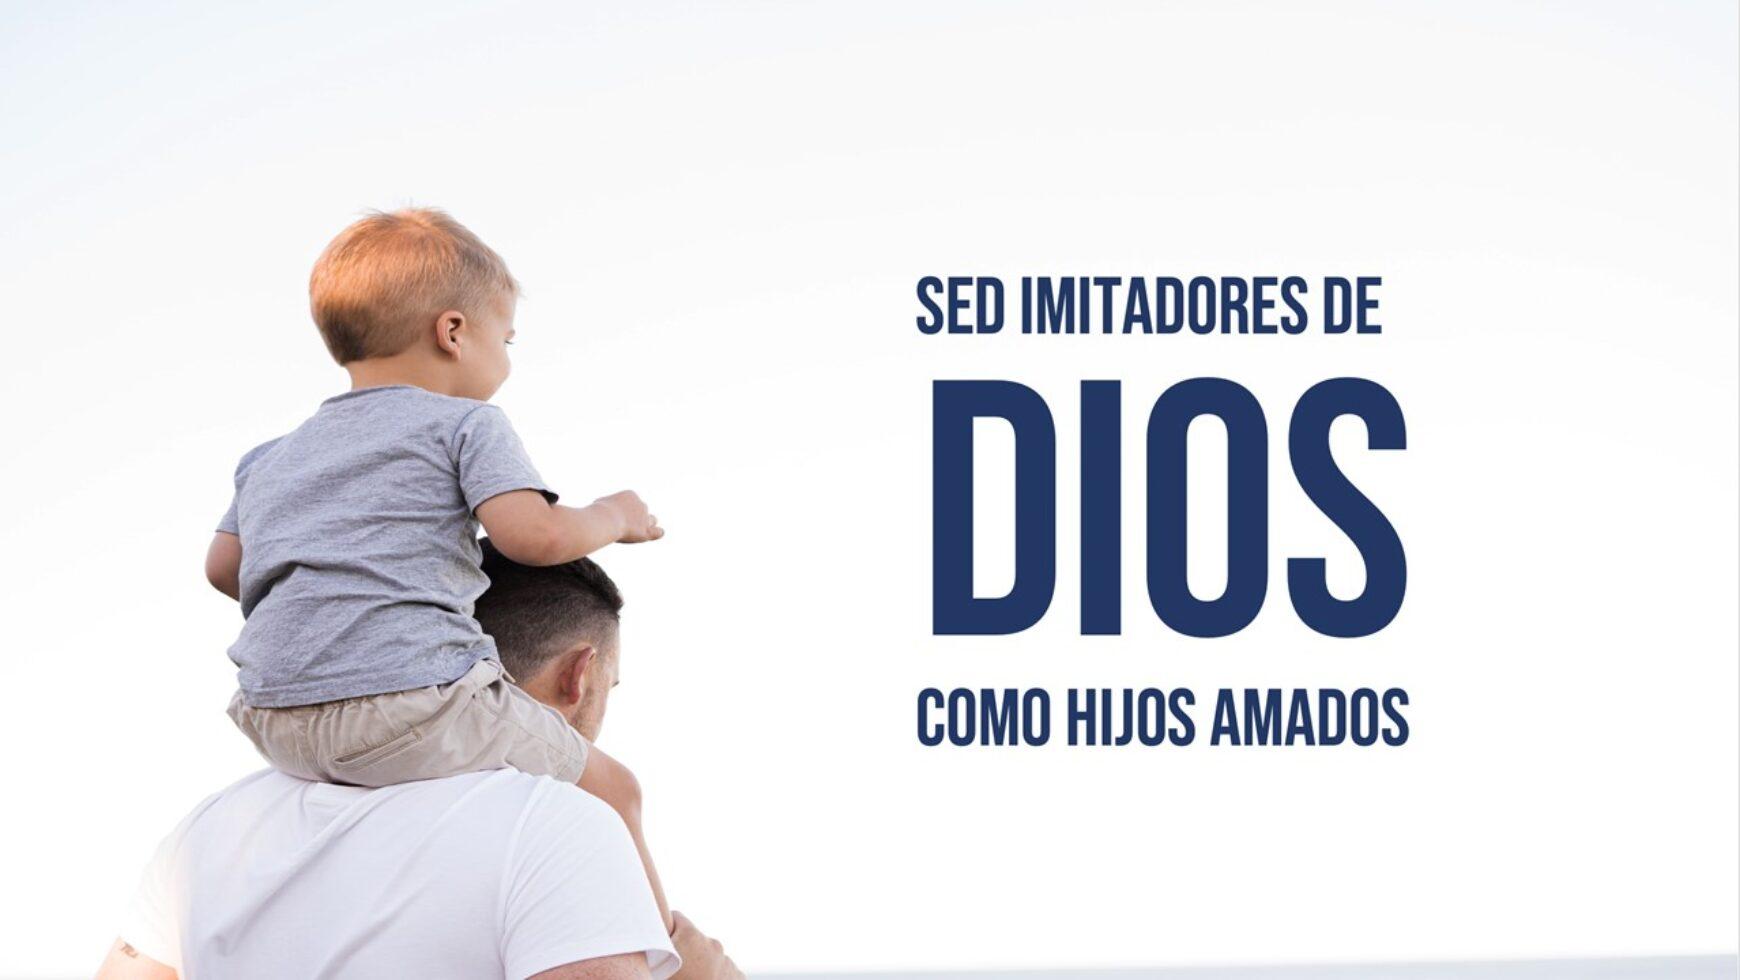 Sed imitadores de Dios como hijos amados